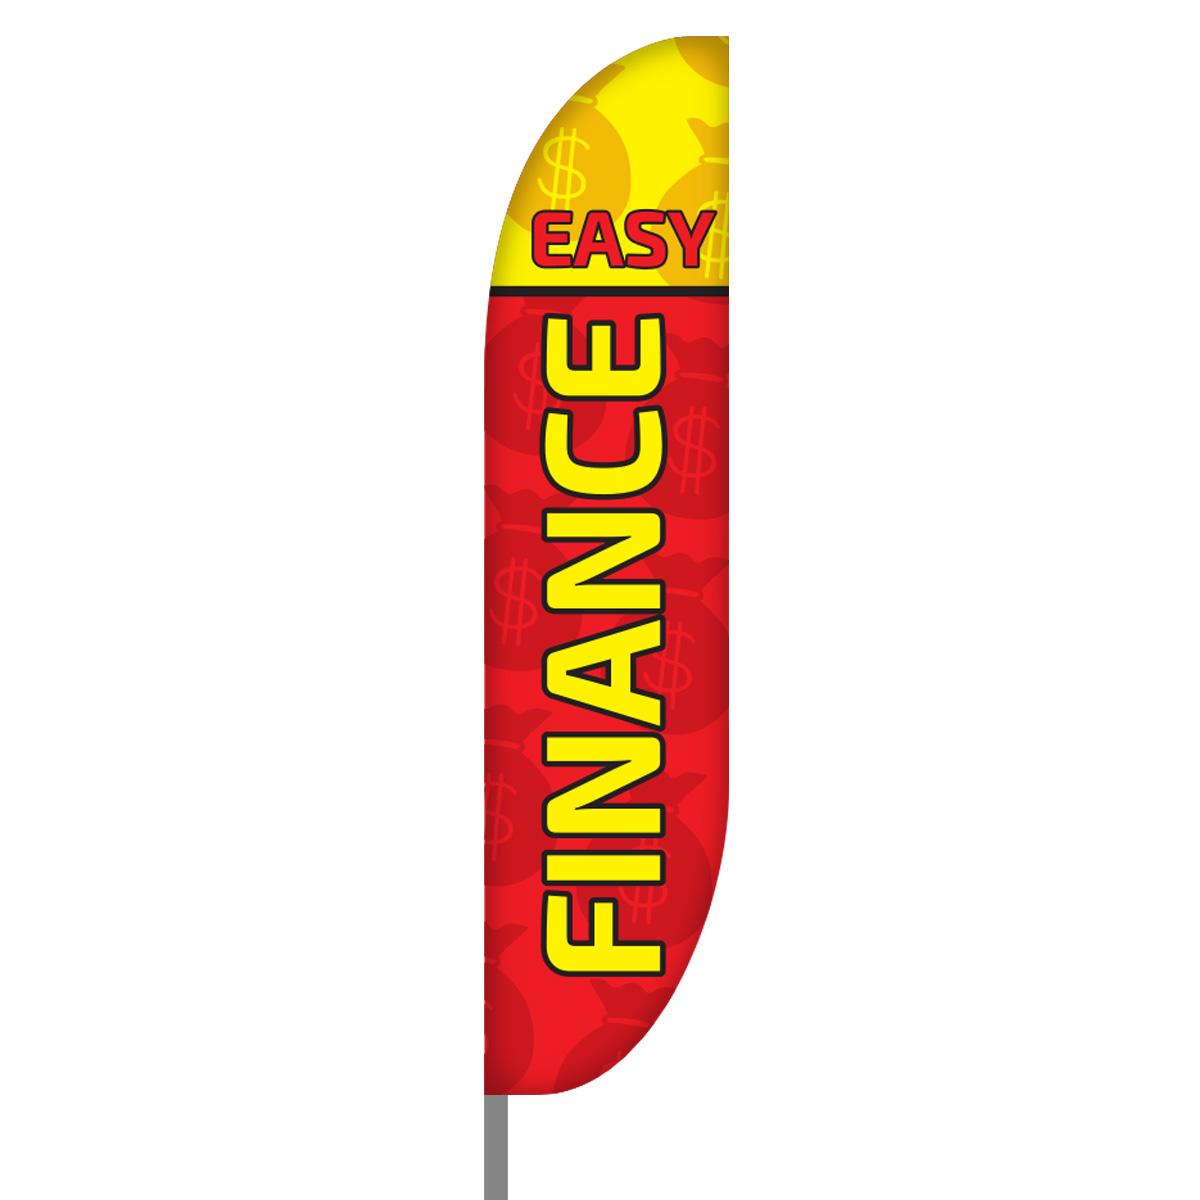 Financing Flag Design 02